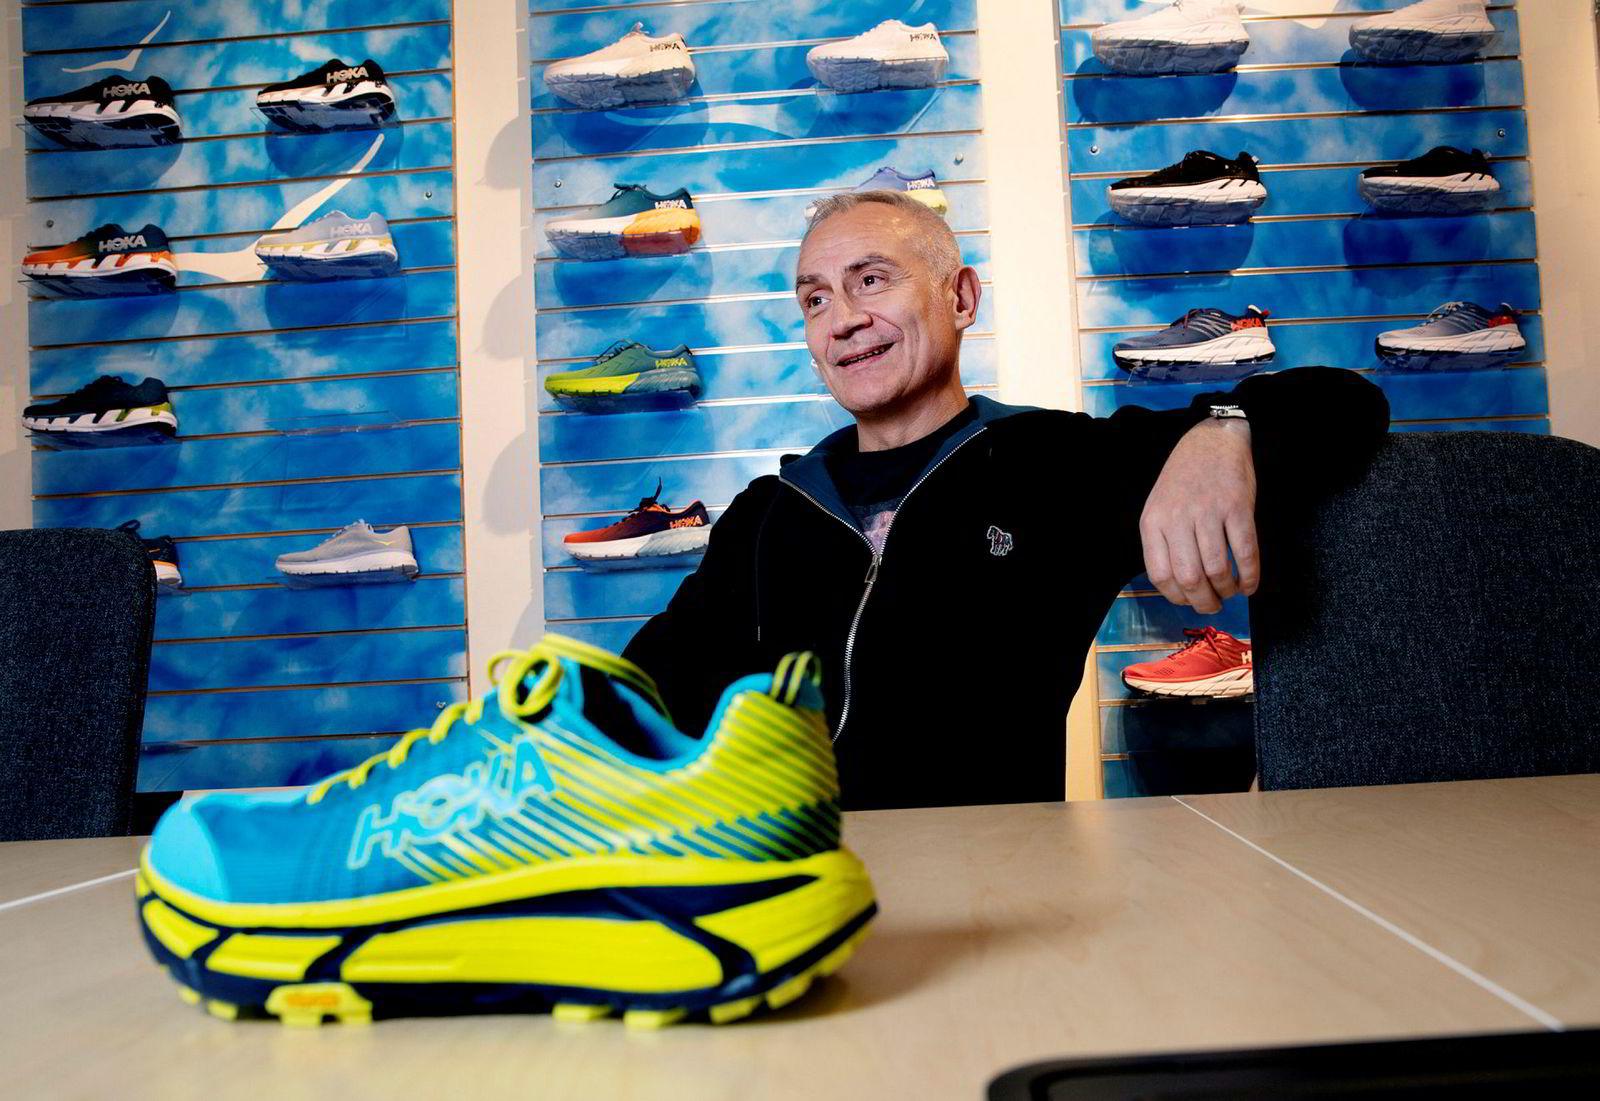 – Designet er litt spesielt, sier Carl Johan Nordberg, gasellevinneren i Hedmark, om Hoka-skoen, men understreker at gode egenskaper gjør at etterspørselen er stor.